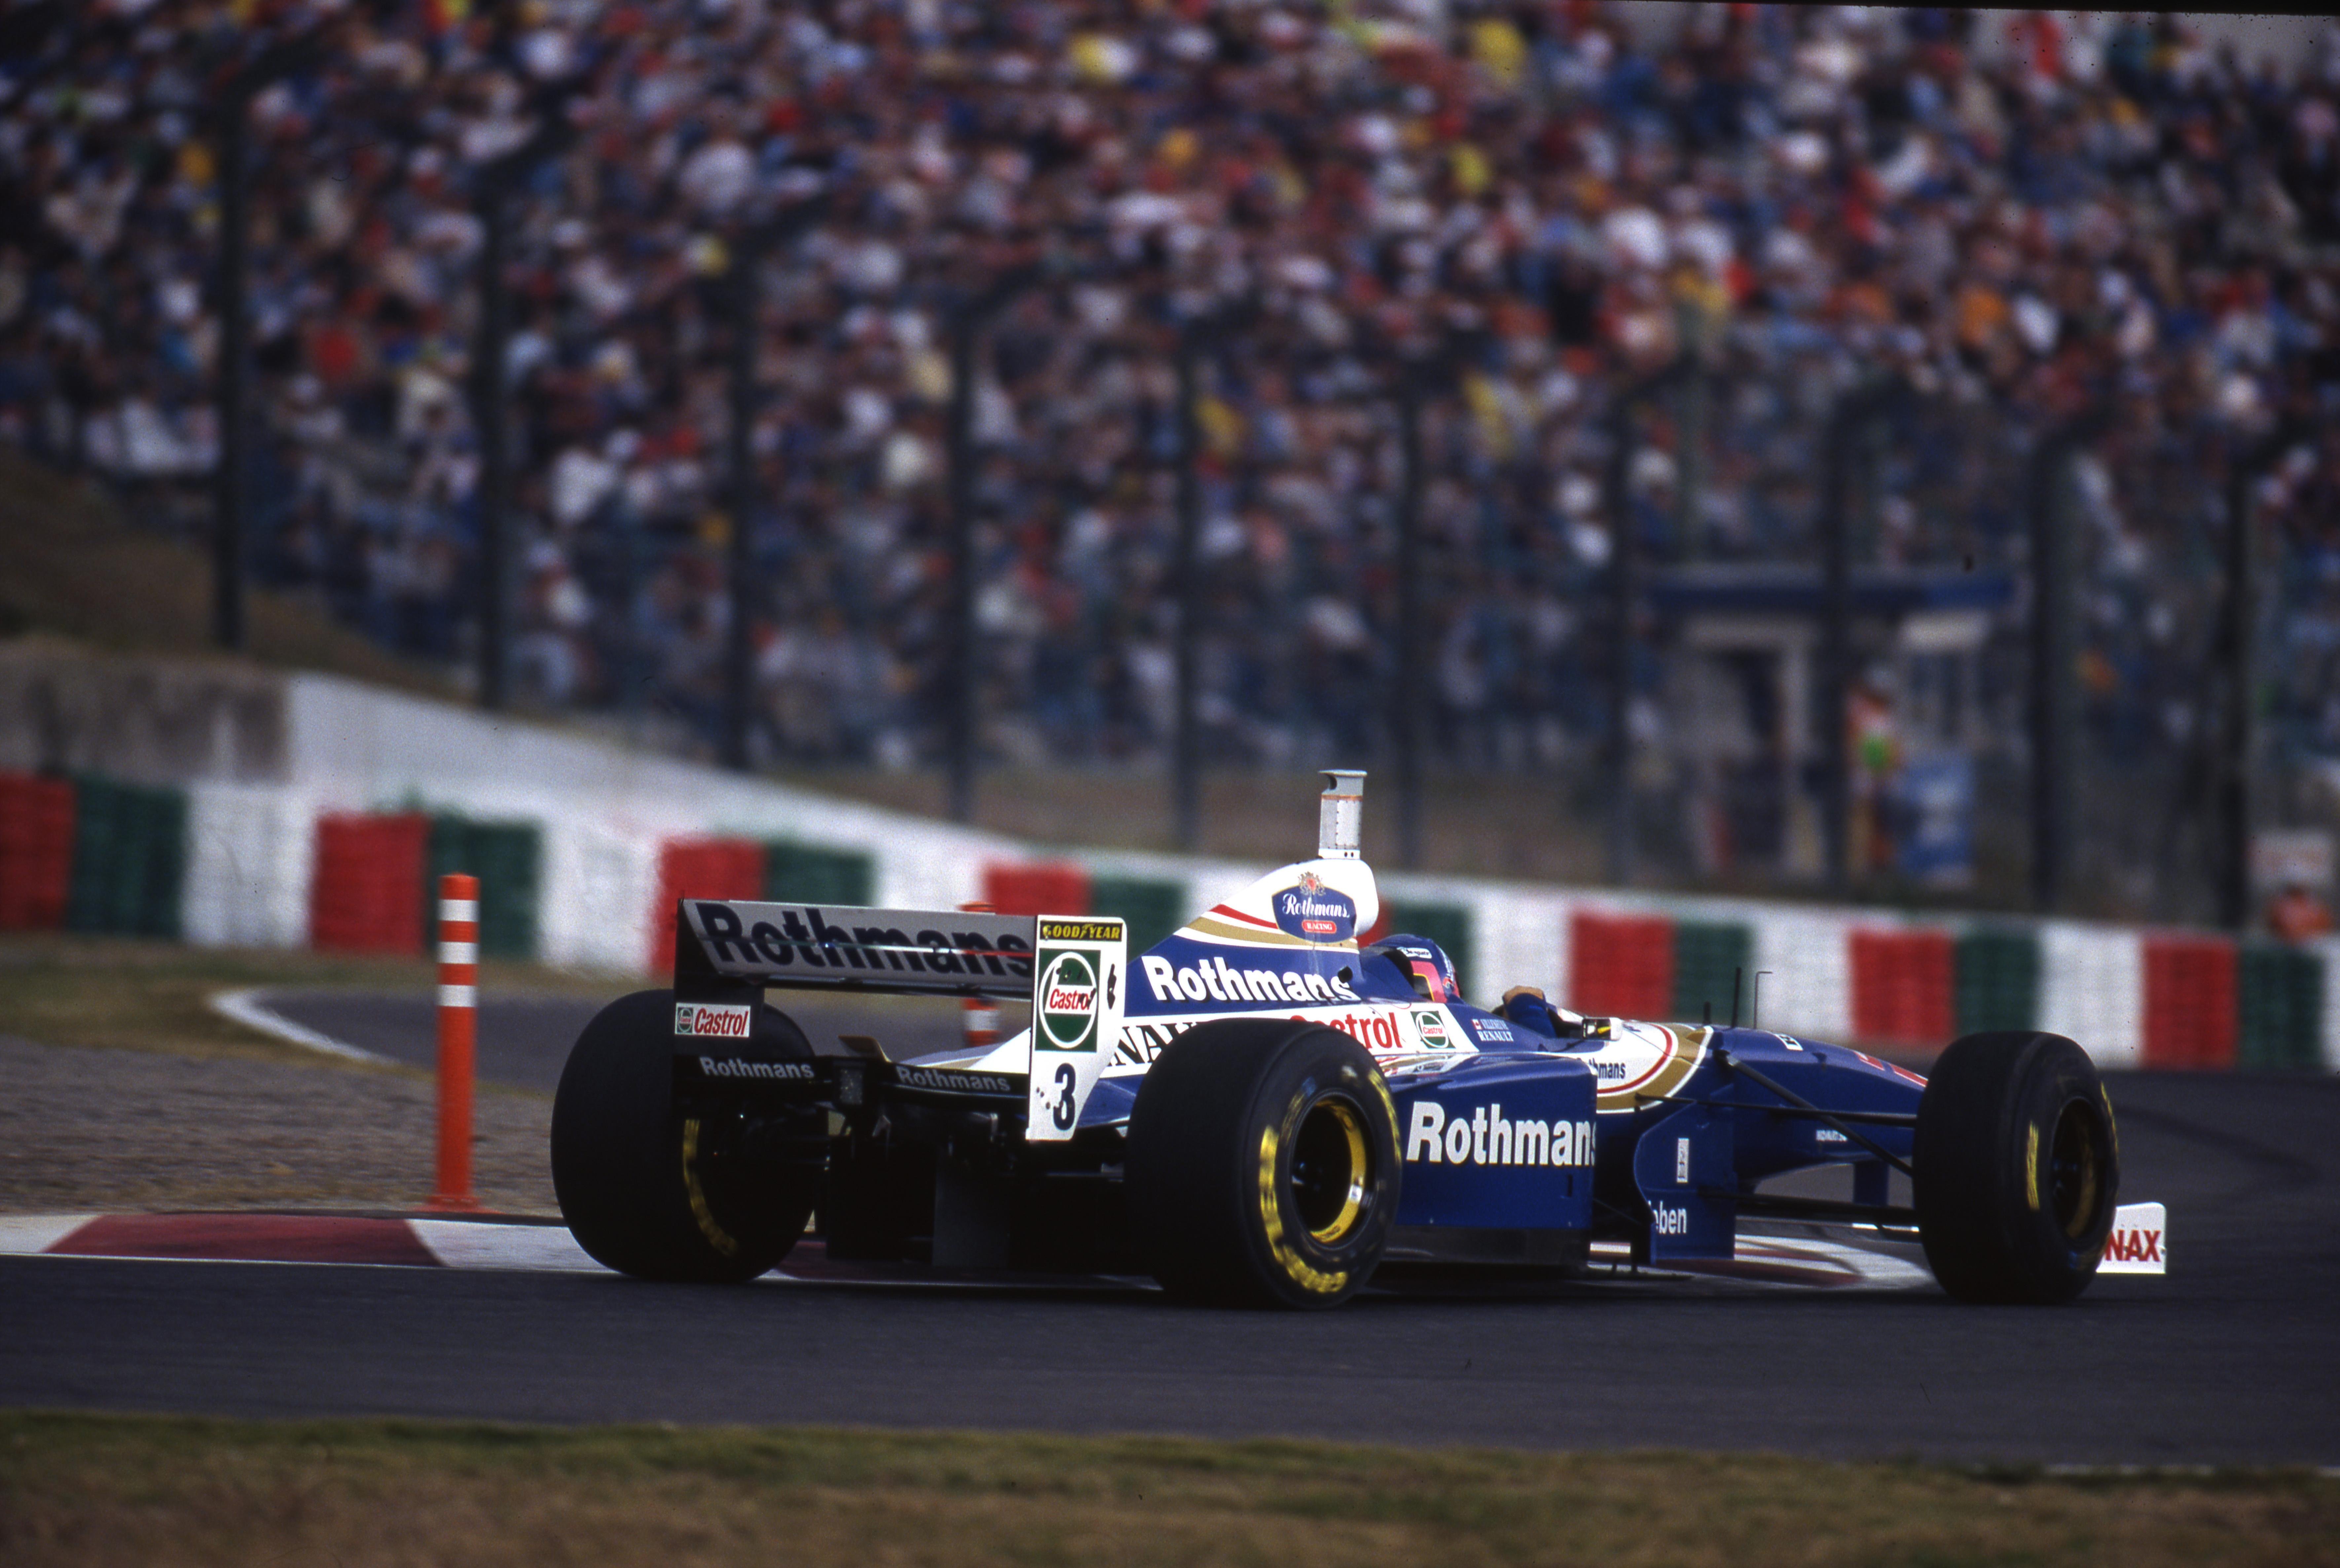 Jacques Villeneuve, Williams, F1 1997, Japanese GP